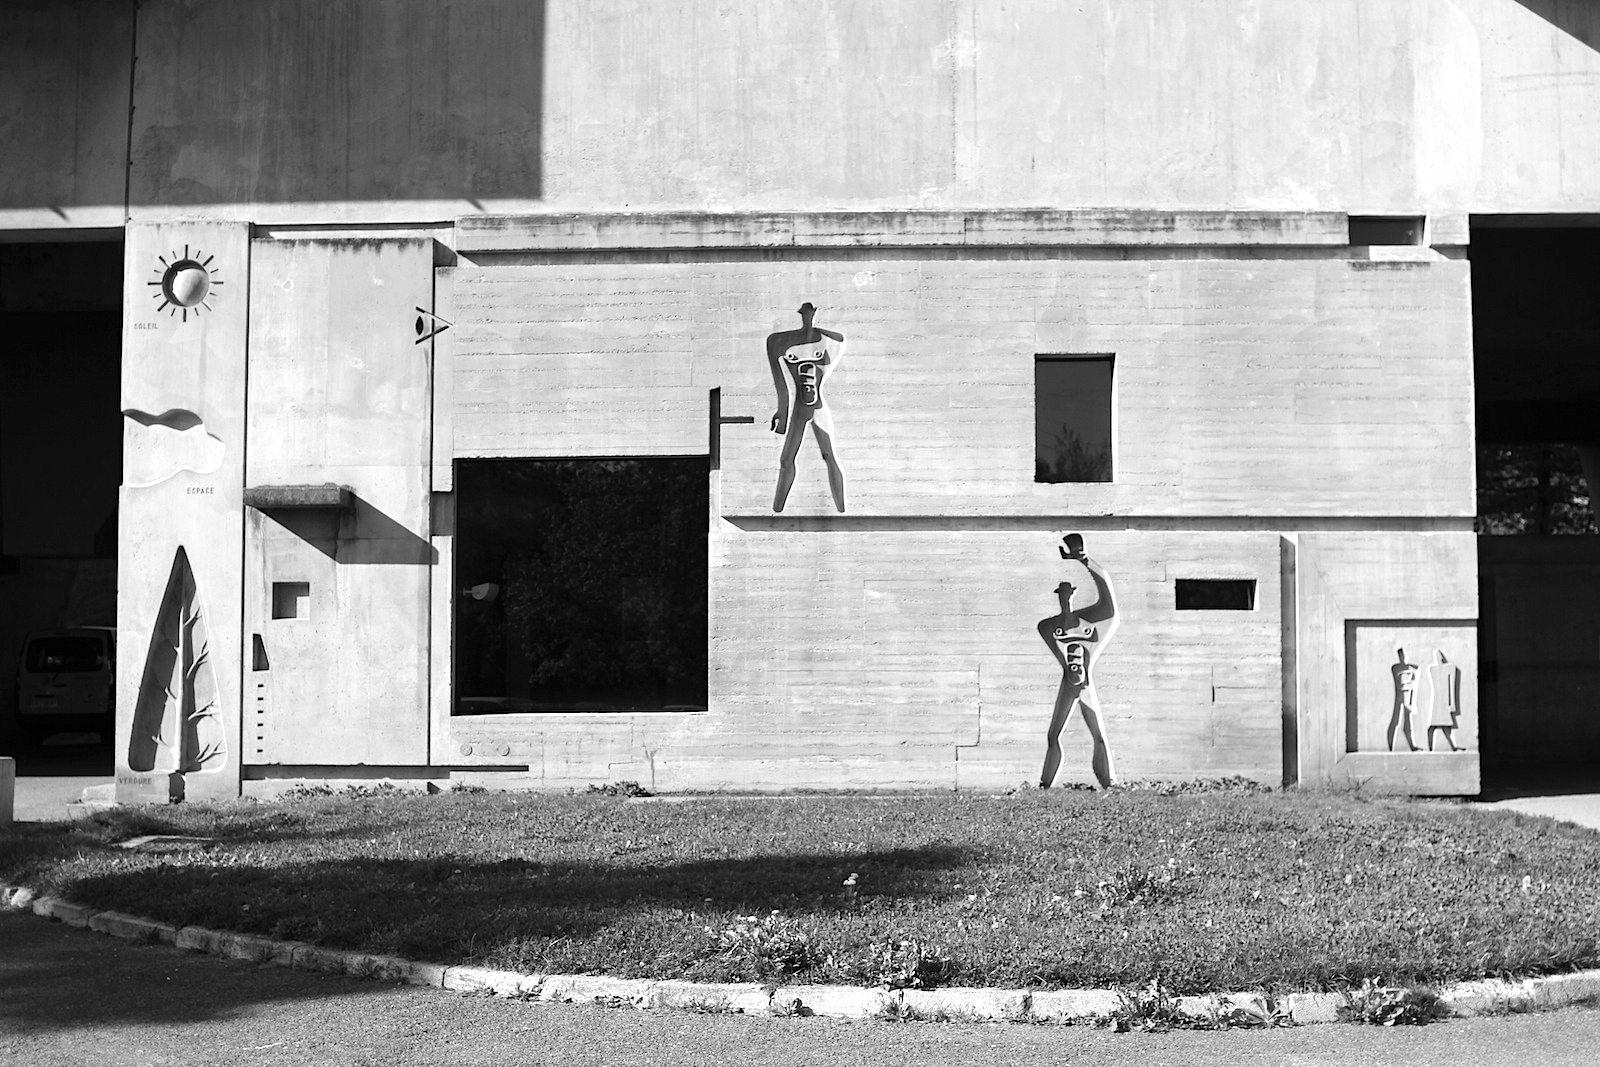 """Maßstab. Schnitt einer Wohnung in der Unité d'Habitation mit dem von Le Corbusier entwickelten Proportionsschema """"Modulor""""."""